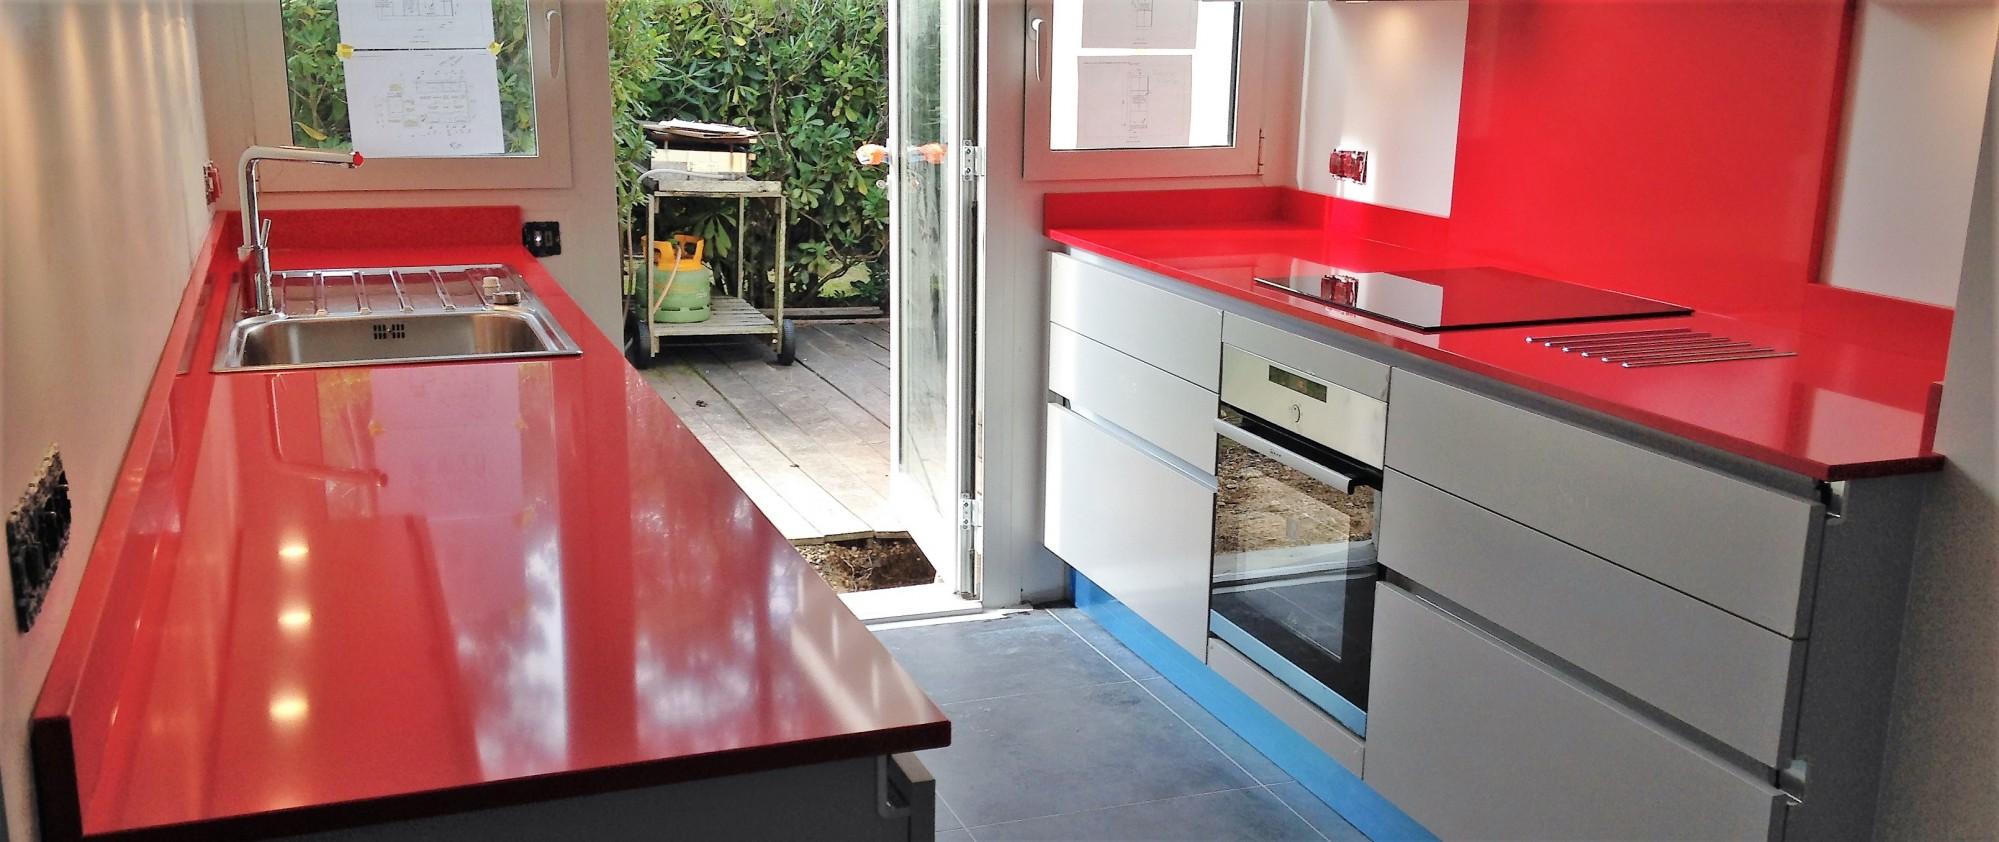 plan de travail rosso monza bordeaux hm deco. Black Bedroom Furniture Sets. Home Design Ideas